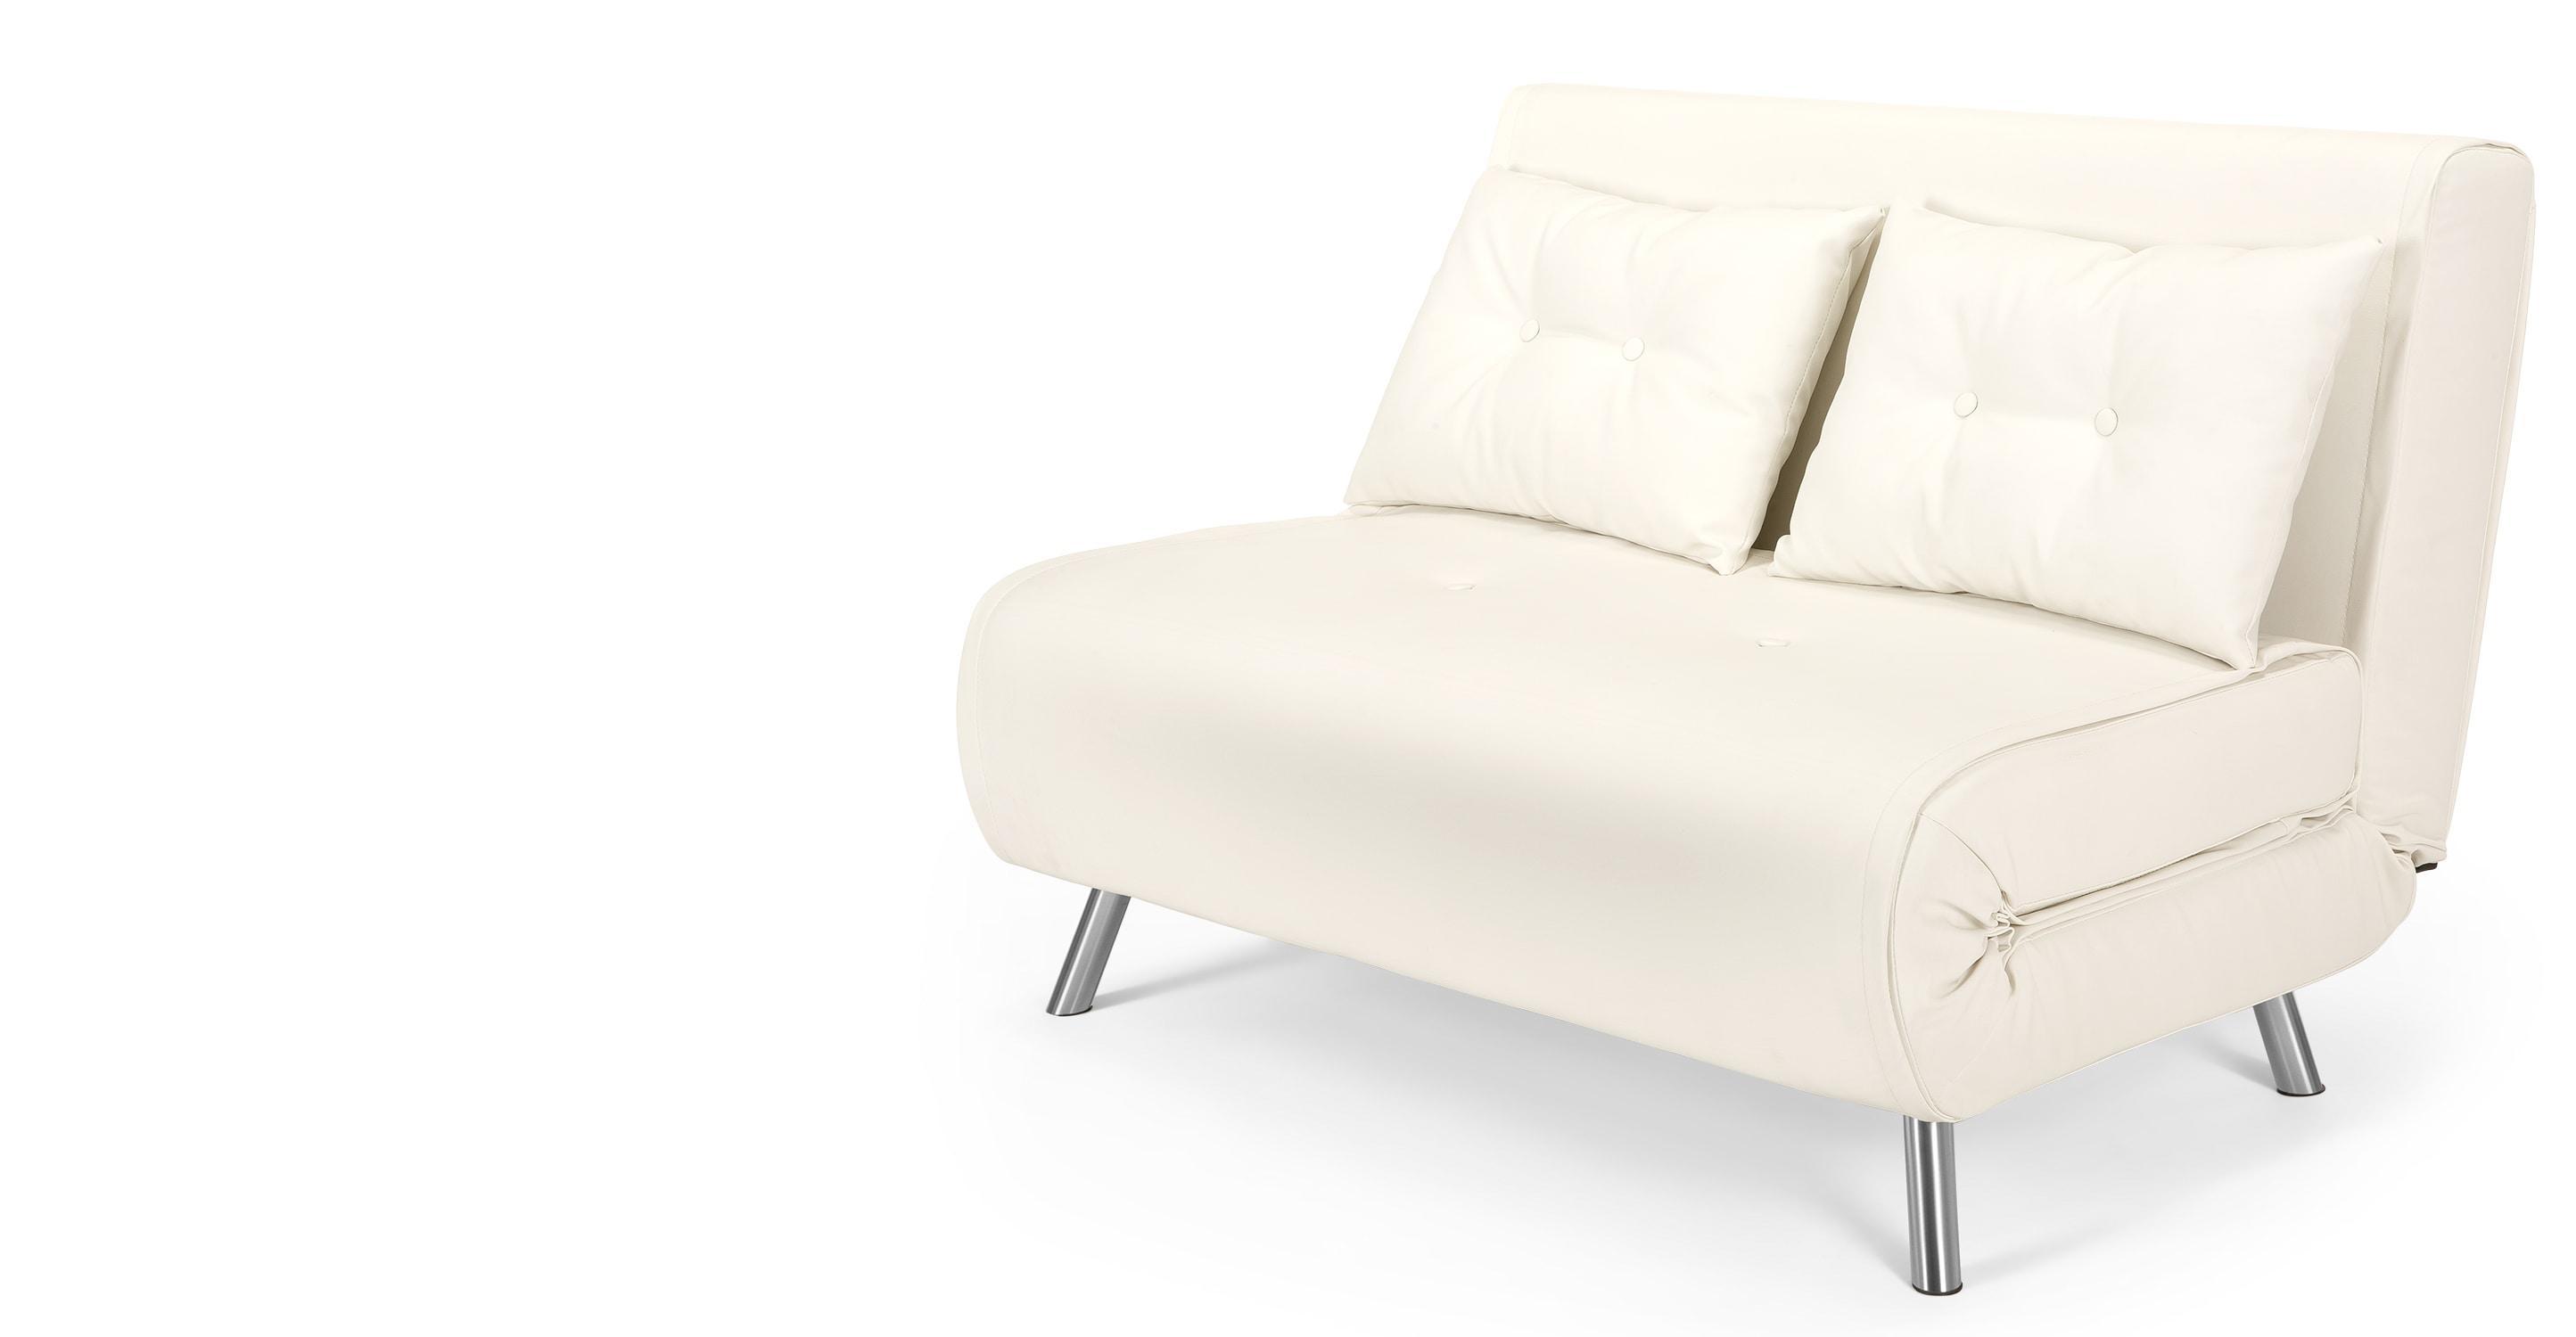 Mini Sofa Beds Uk – Hereo Sofa Pertaining To Mini Sofa Beds (Image 10 of 20)